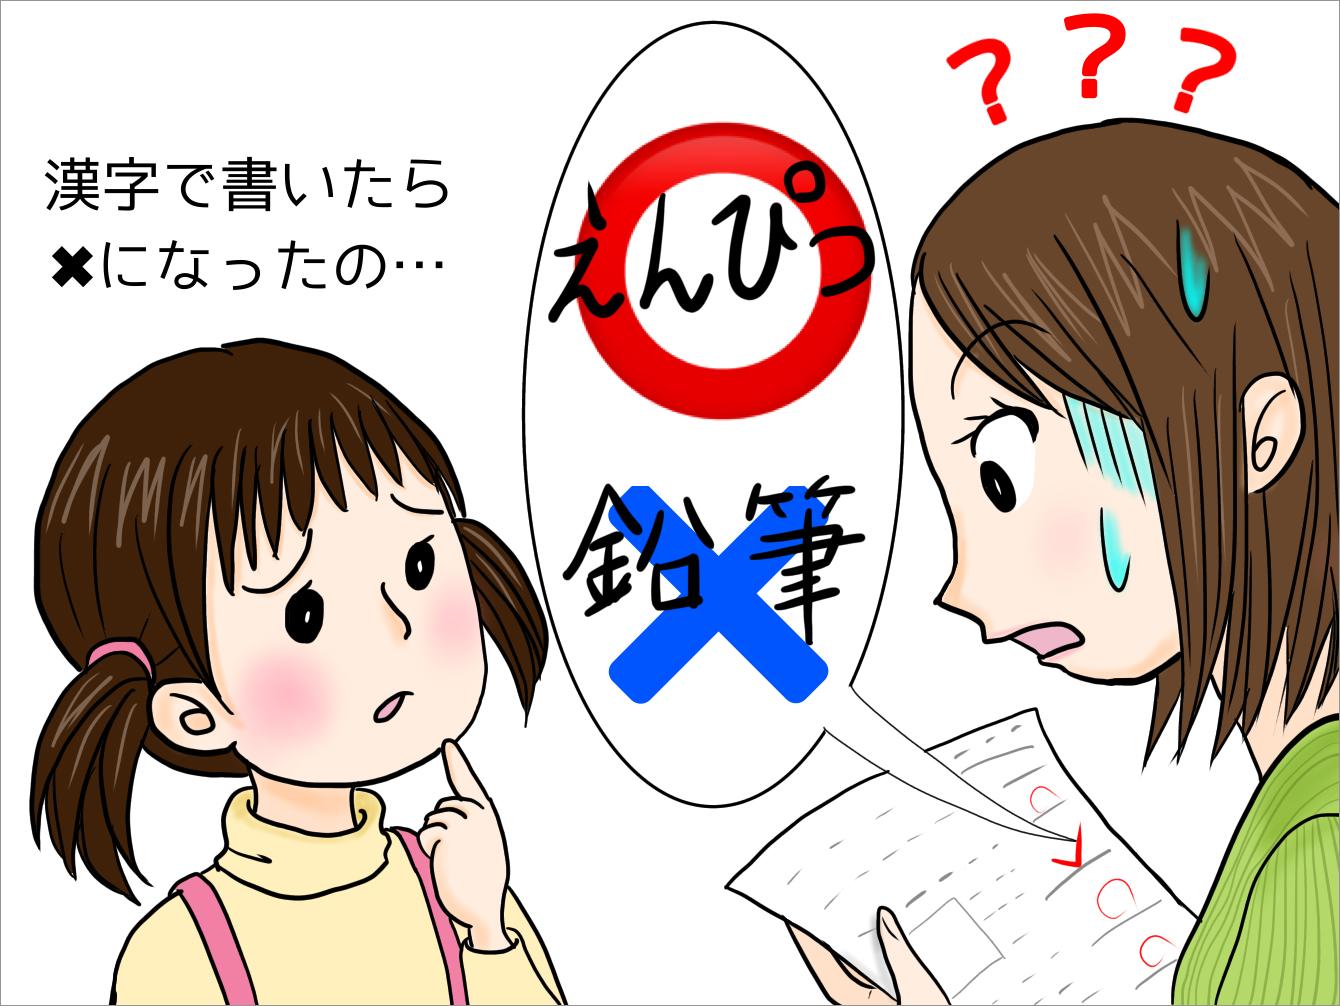 《お悩み》習っていない漢字を書いてはダメ?